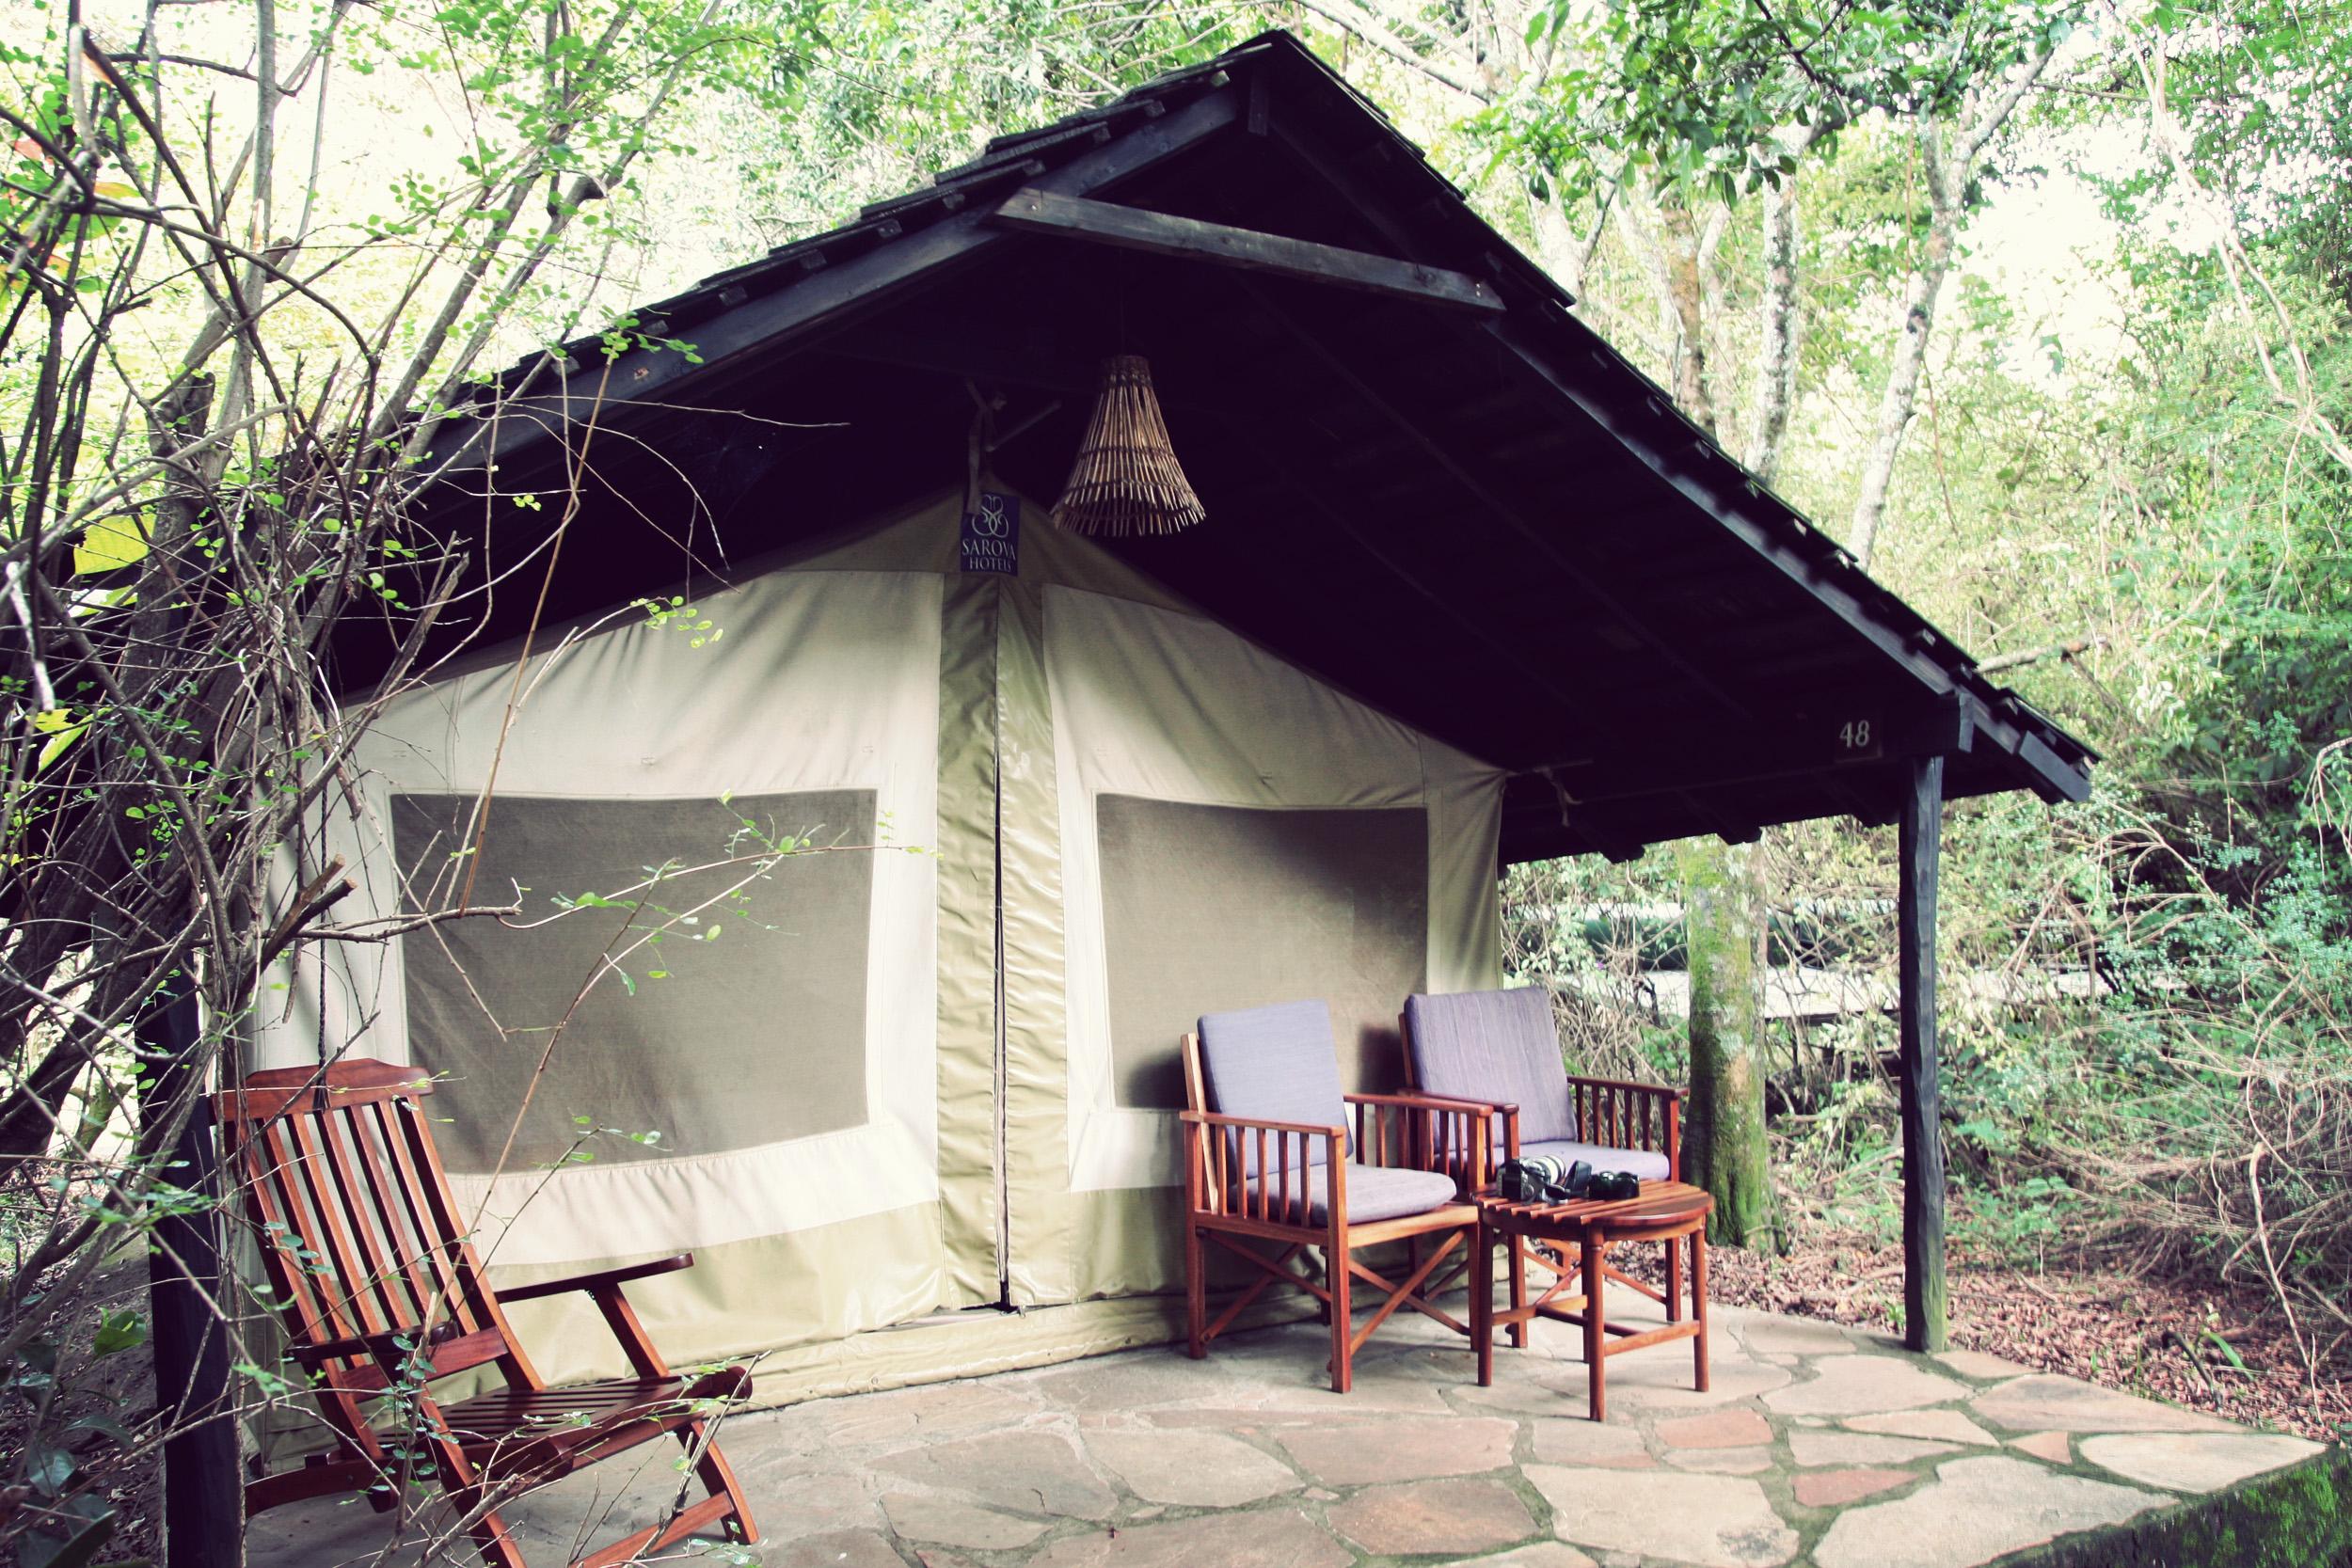 Day08_Maasai-Mara_Sarova-Lodge_02.jpg